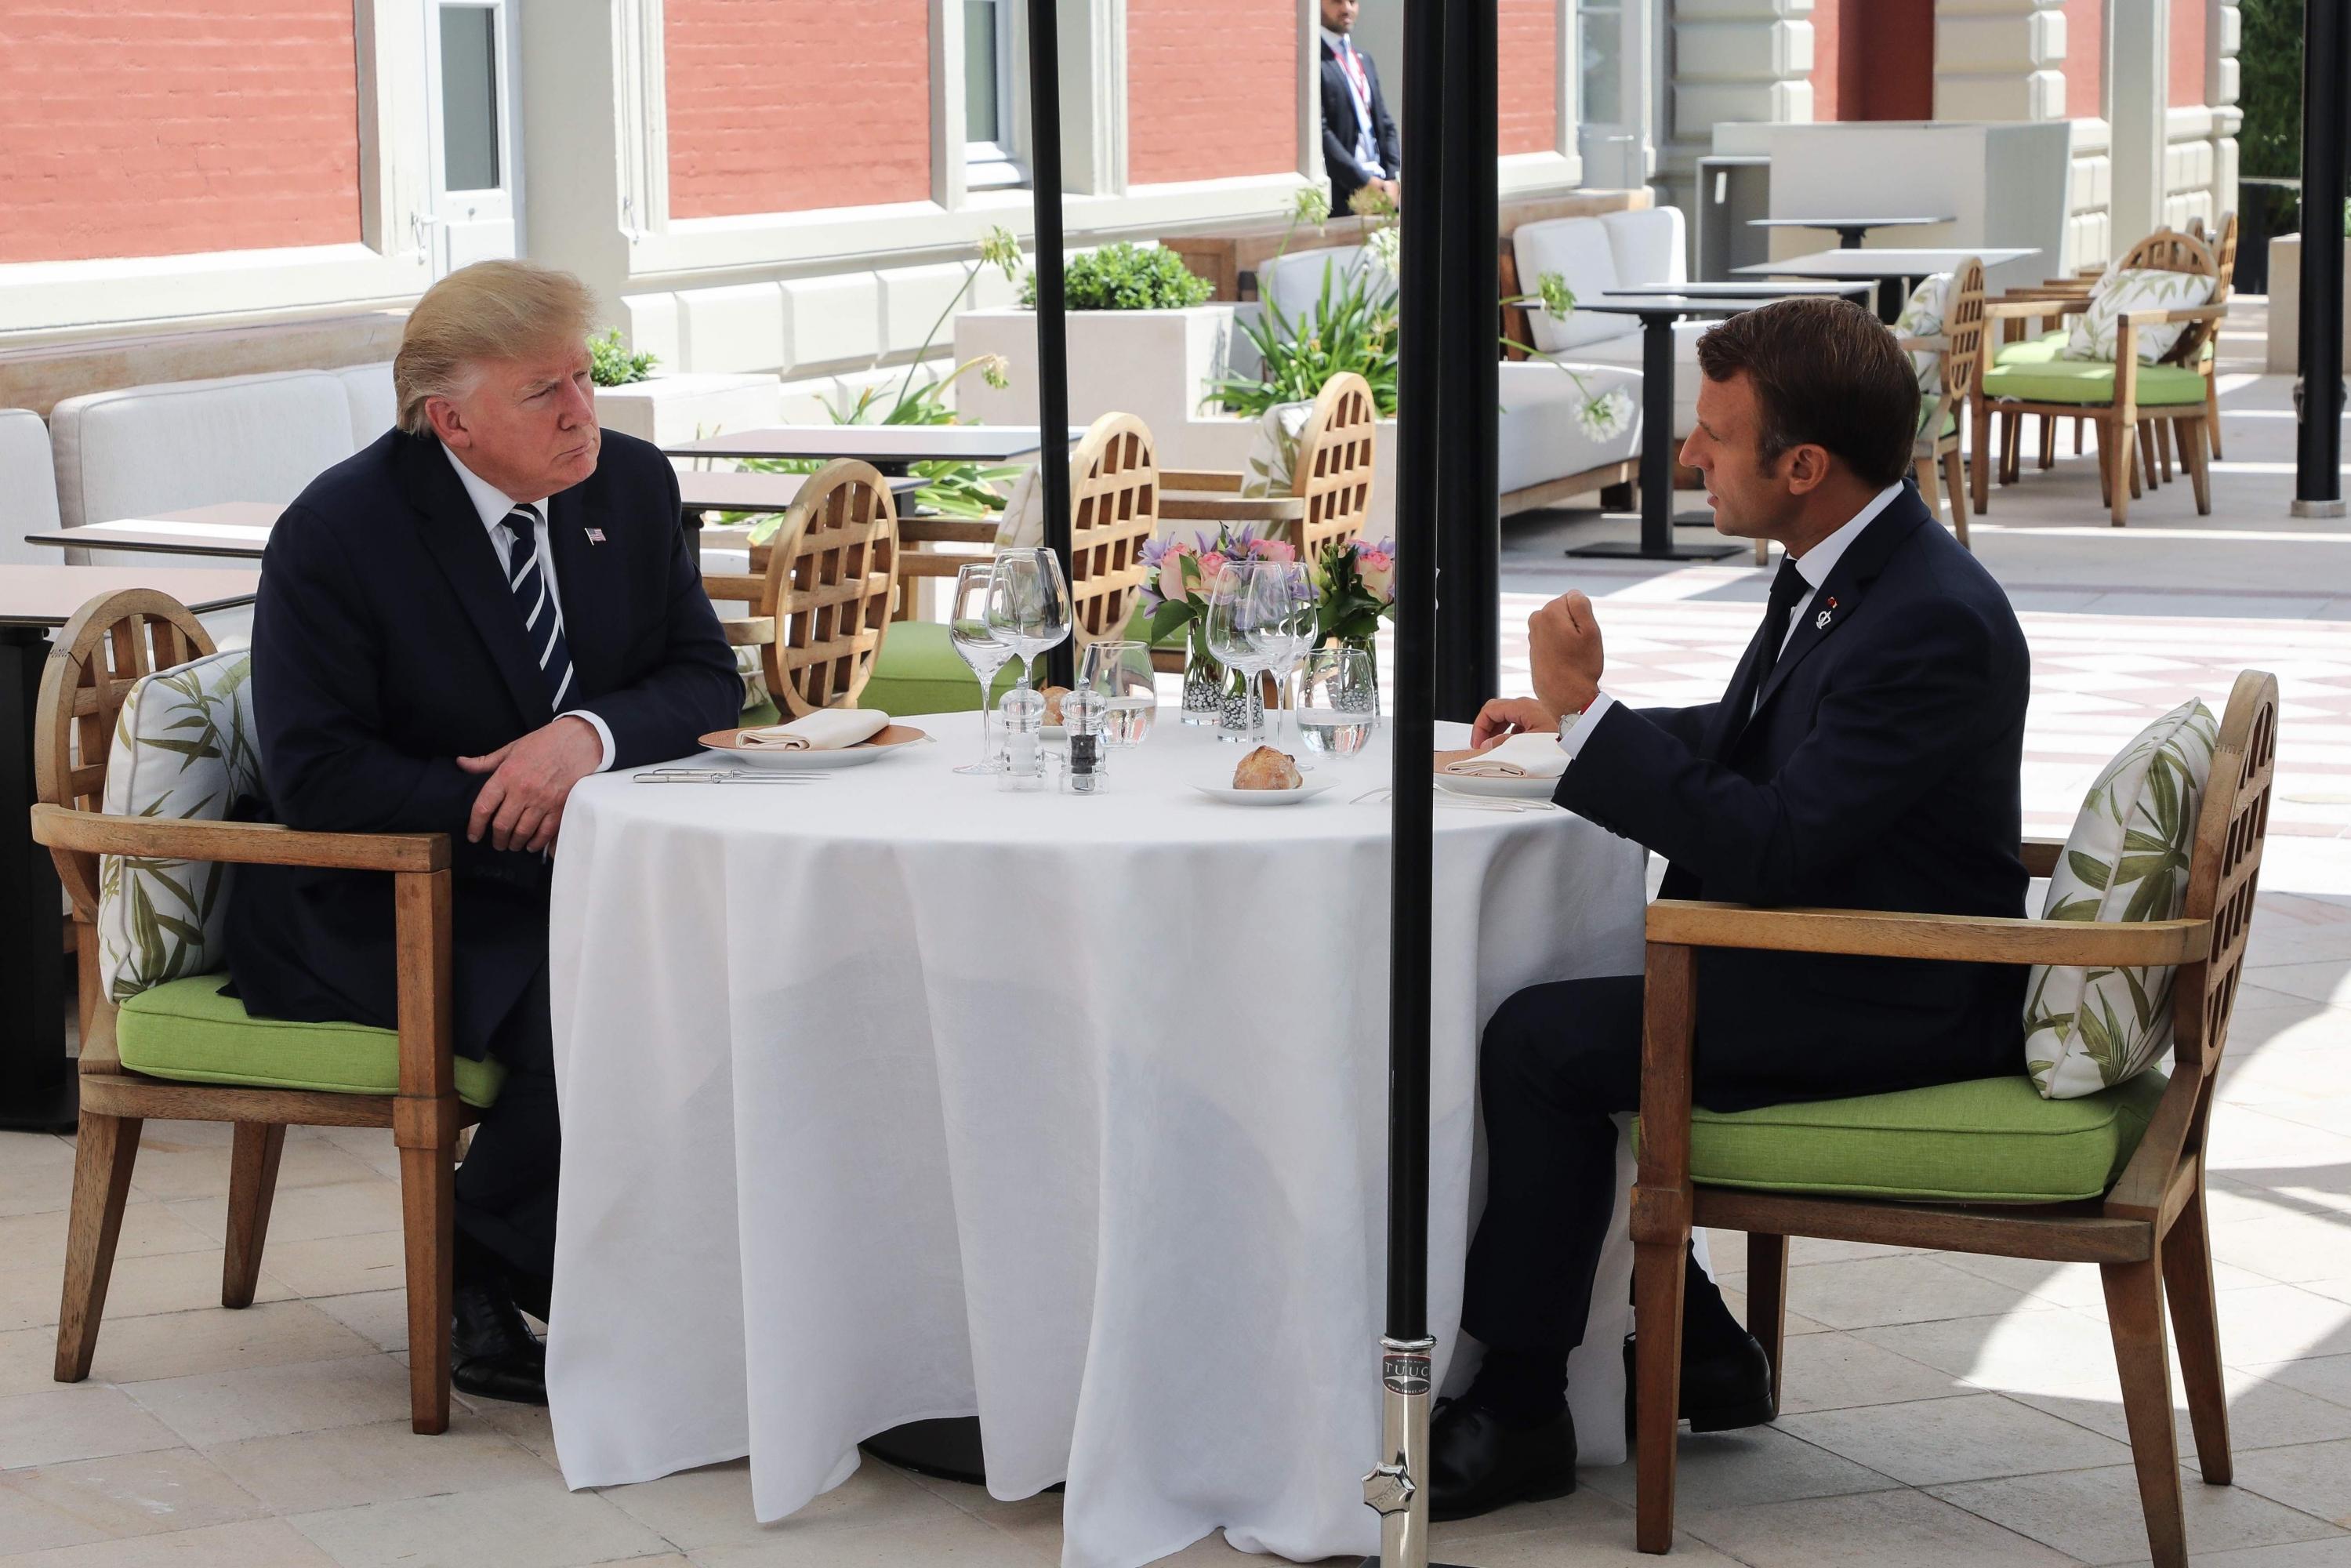 Donald Trump y Emmanuel Macron sostienen un almuerzo este sábado, un día después de las amenazas del mandatario estadounidenses de imponer aranceles a Francia. (Foto: AFP)